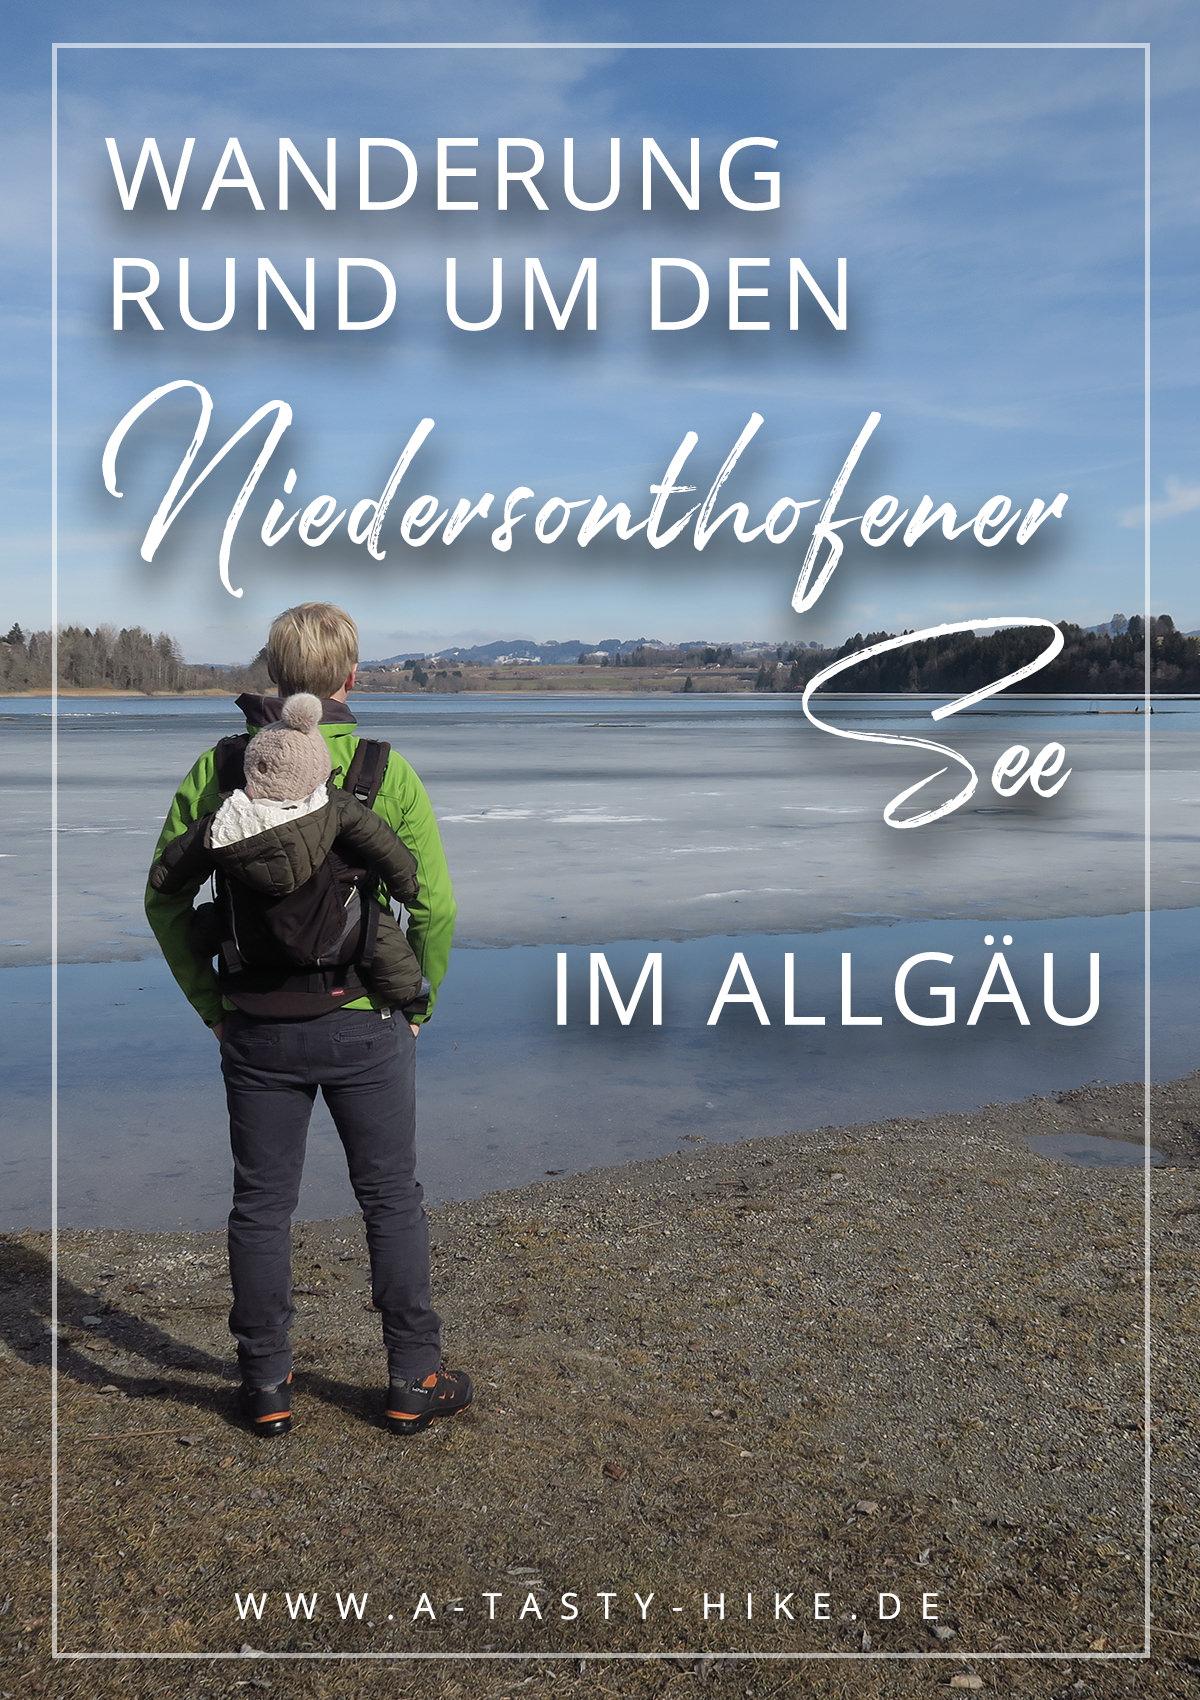 Allgäu Wandern: Gemütliche Wanderung rund um den Niedersonthofener See im Allgäu. Ideale Tour für Wanderanfänger. So gut wie keine Höhenmeter aber eine tolle Aussicht. Wandern am Wasser kann so schön sein! #Wandern #Wanderung #Allgäu